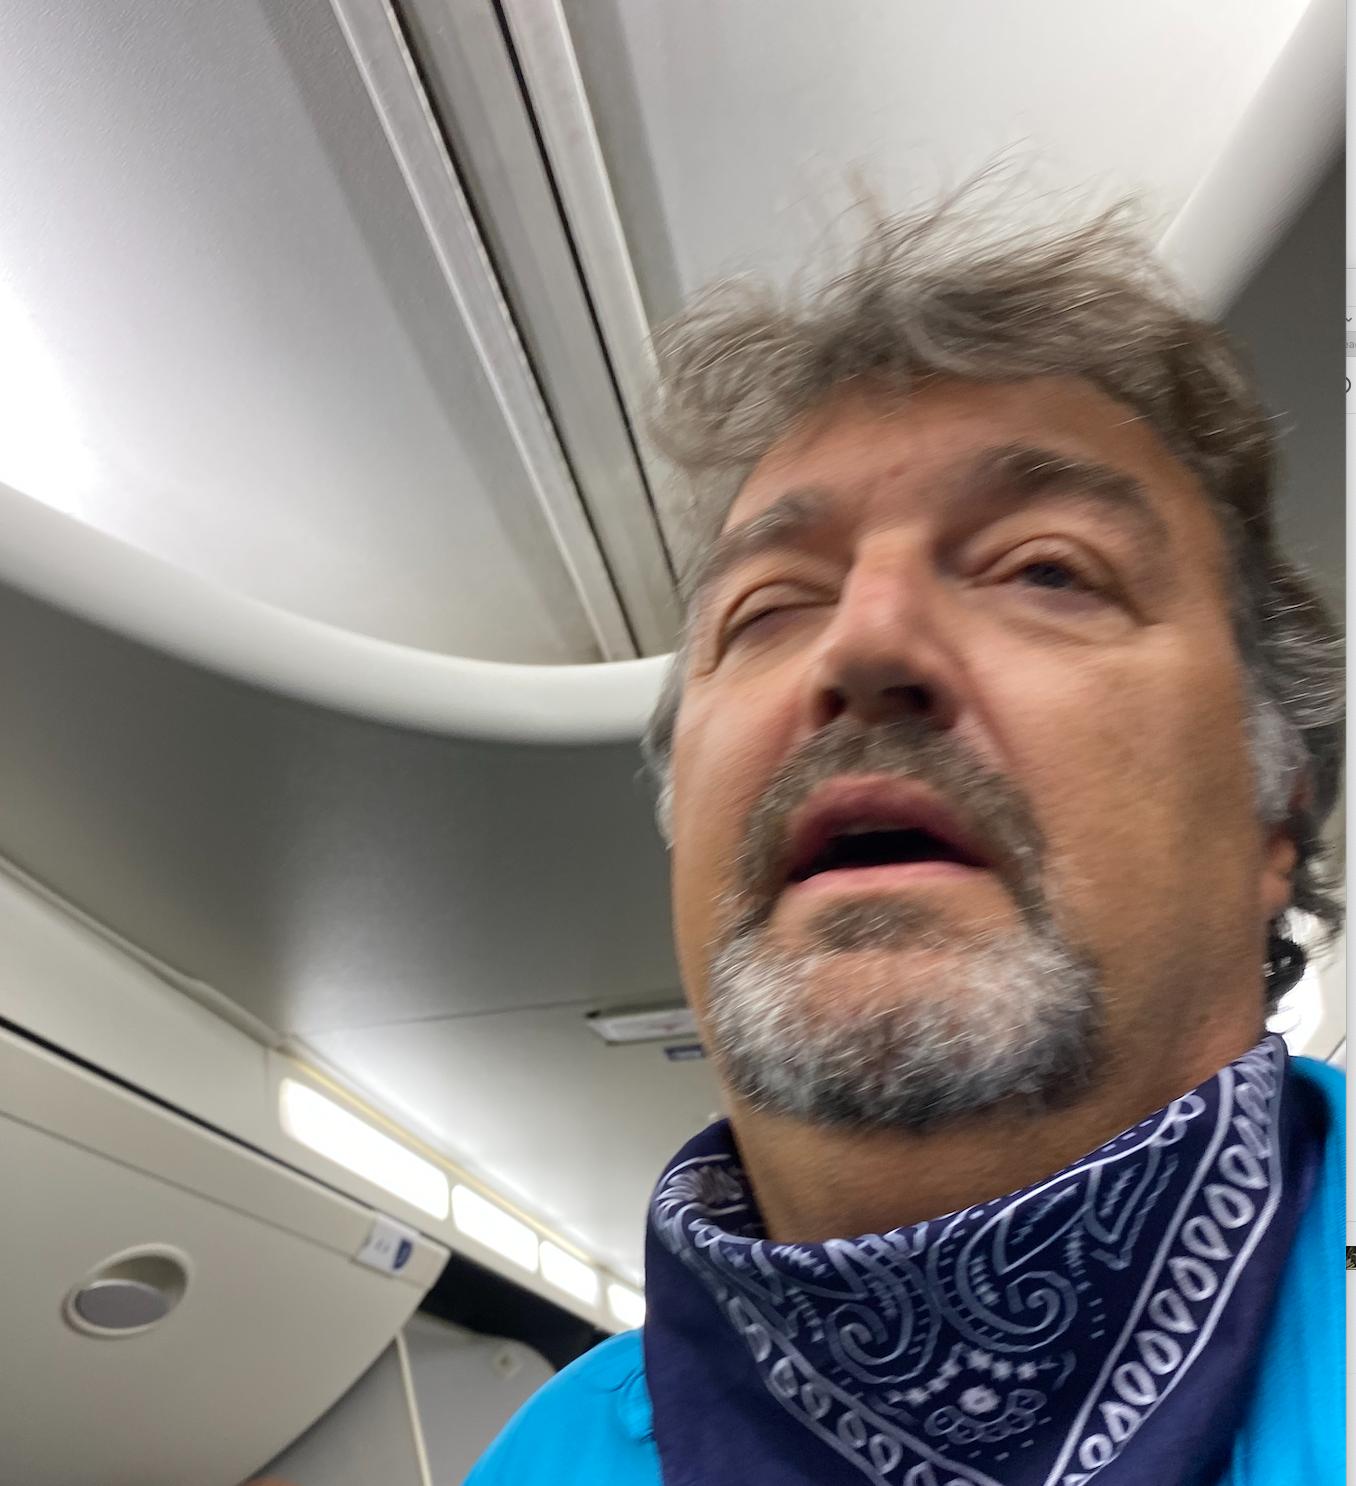 delta passenger no mask